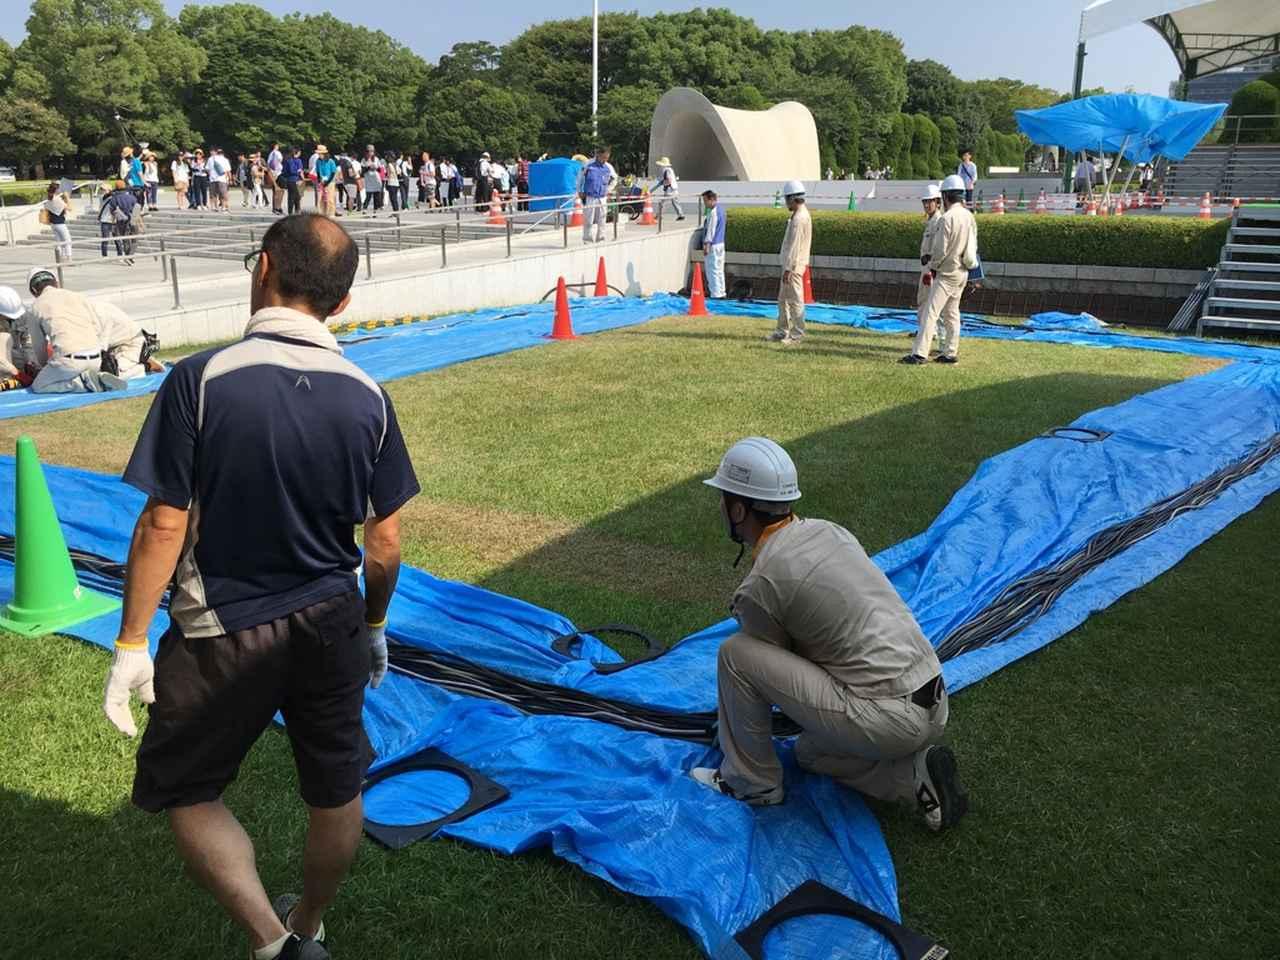 画像: 毎年8月6日に行われる『平和記念式典』での設営の様子。ケーブル類はすべて土管の中を通さなければならない